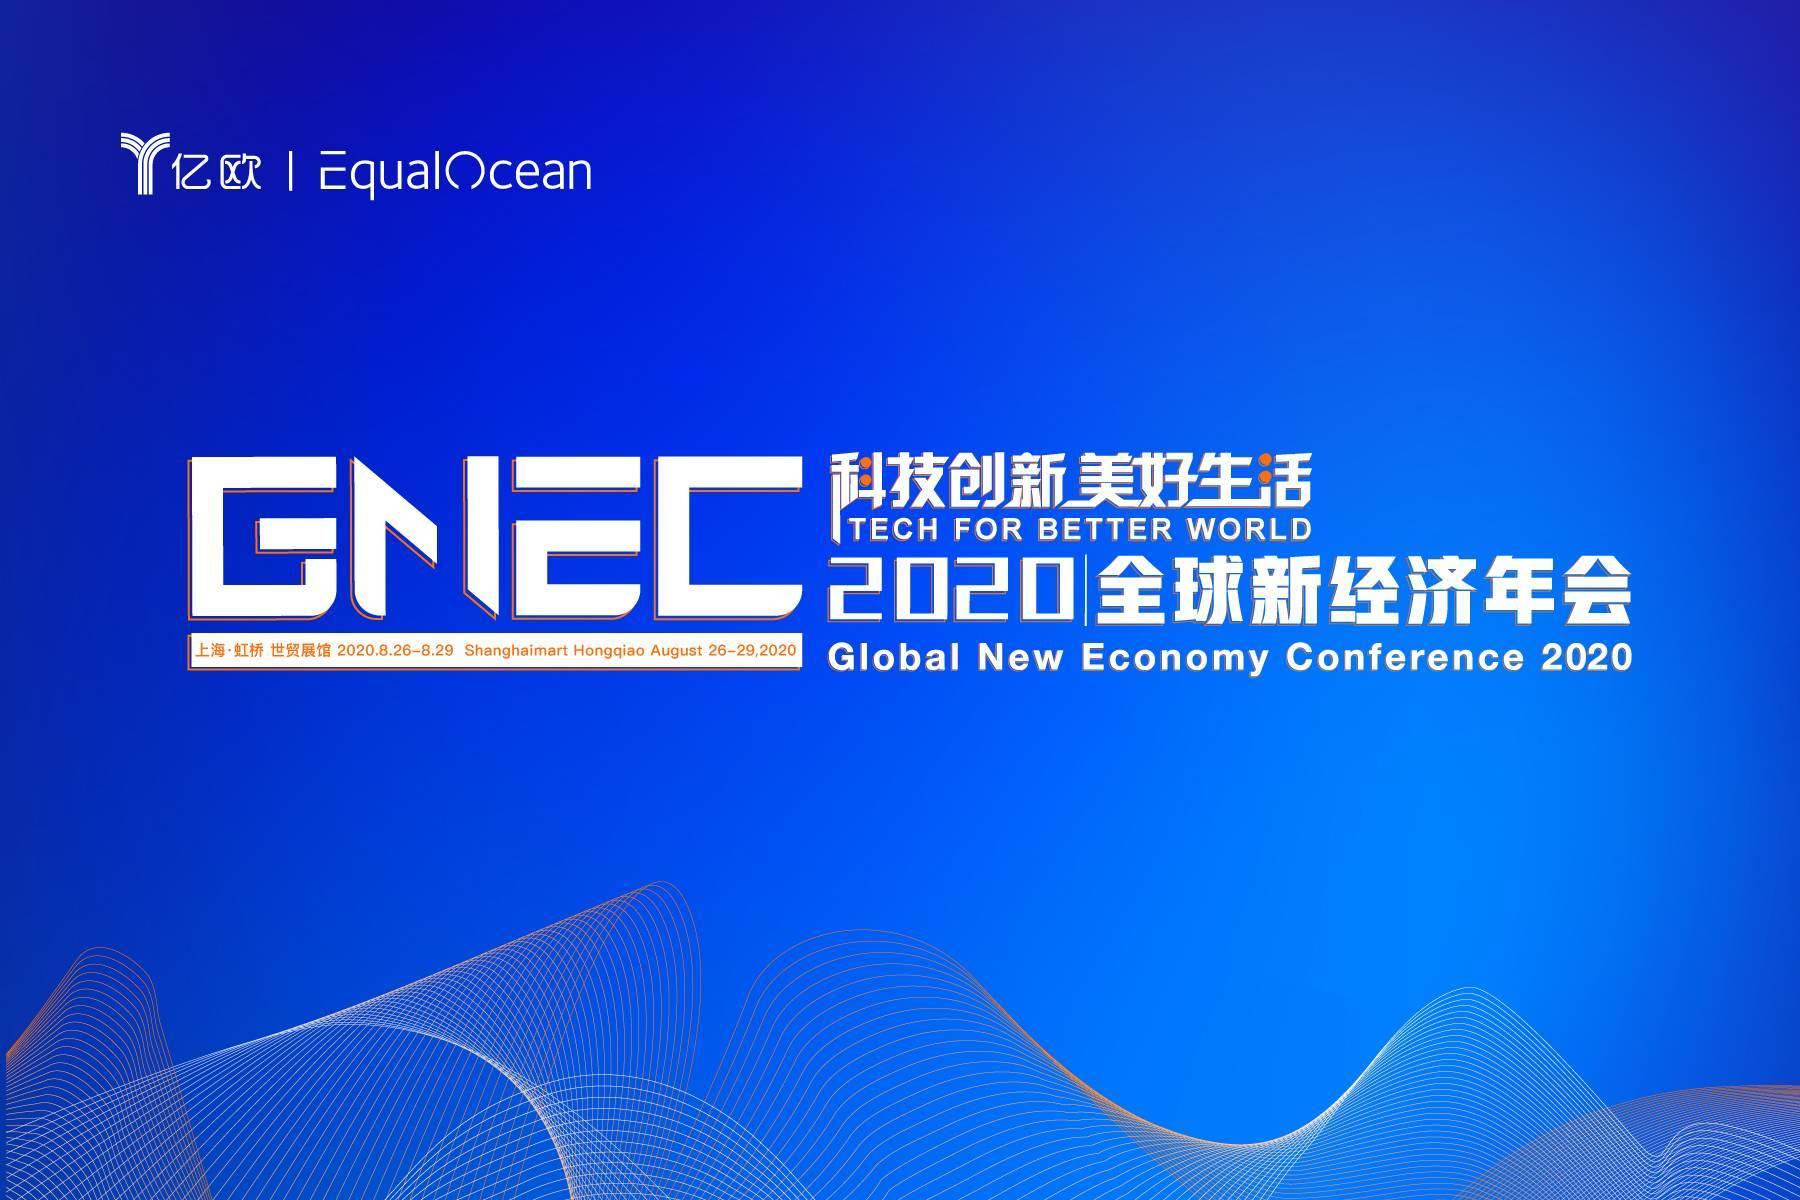 科技创新 美好生活 - 2020全球新经济年会